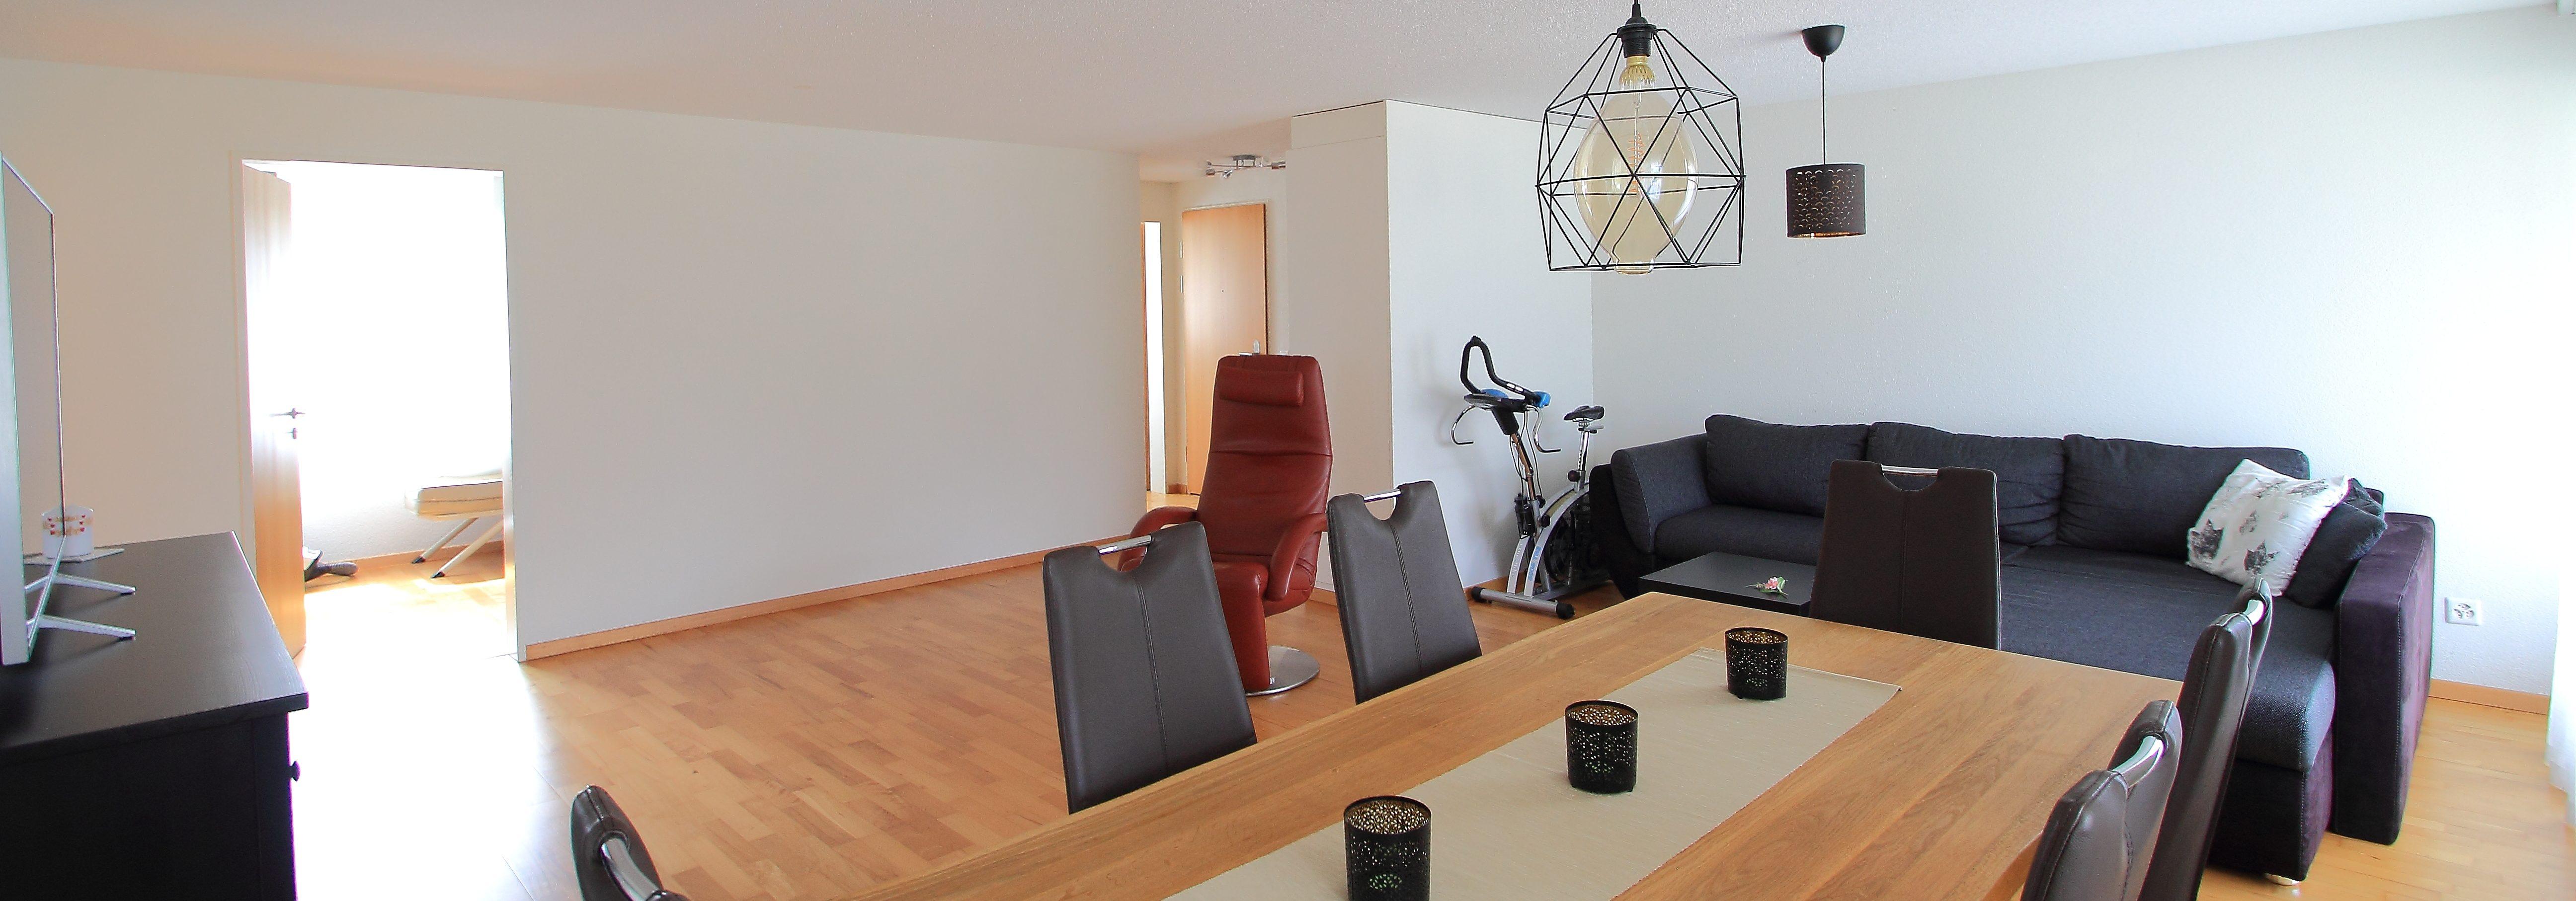 Gemütliche 3.5 Zimmerwohnung | gepflegte Liegenschaft | Eschen